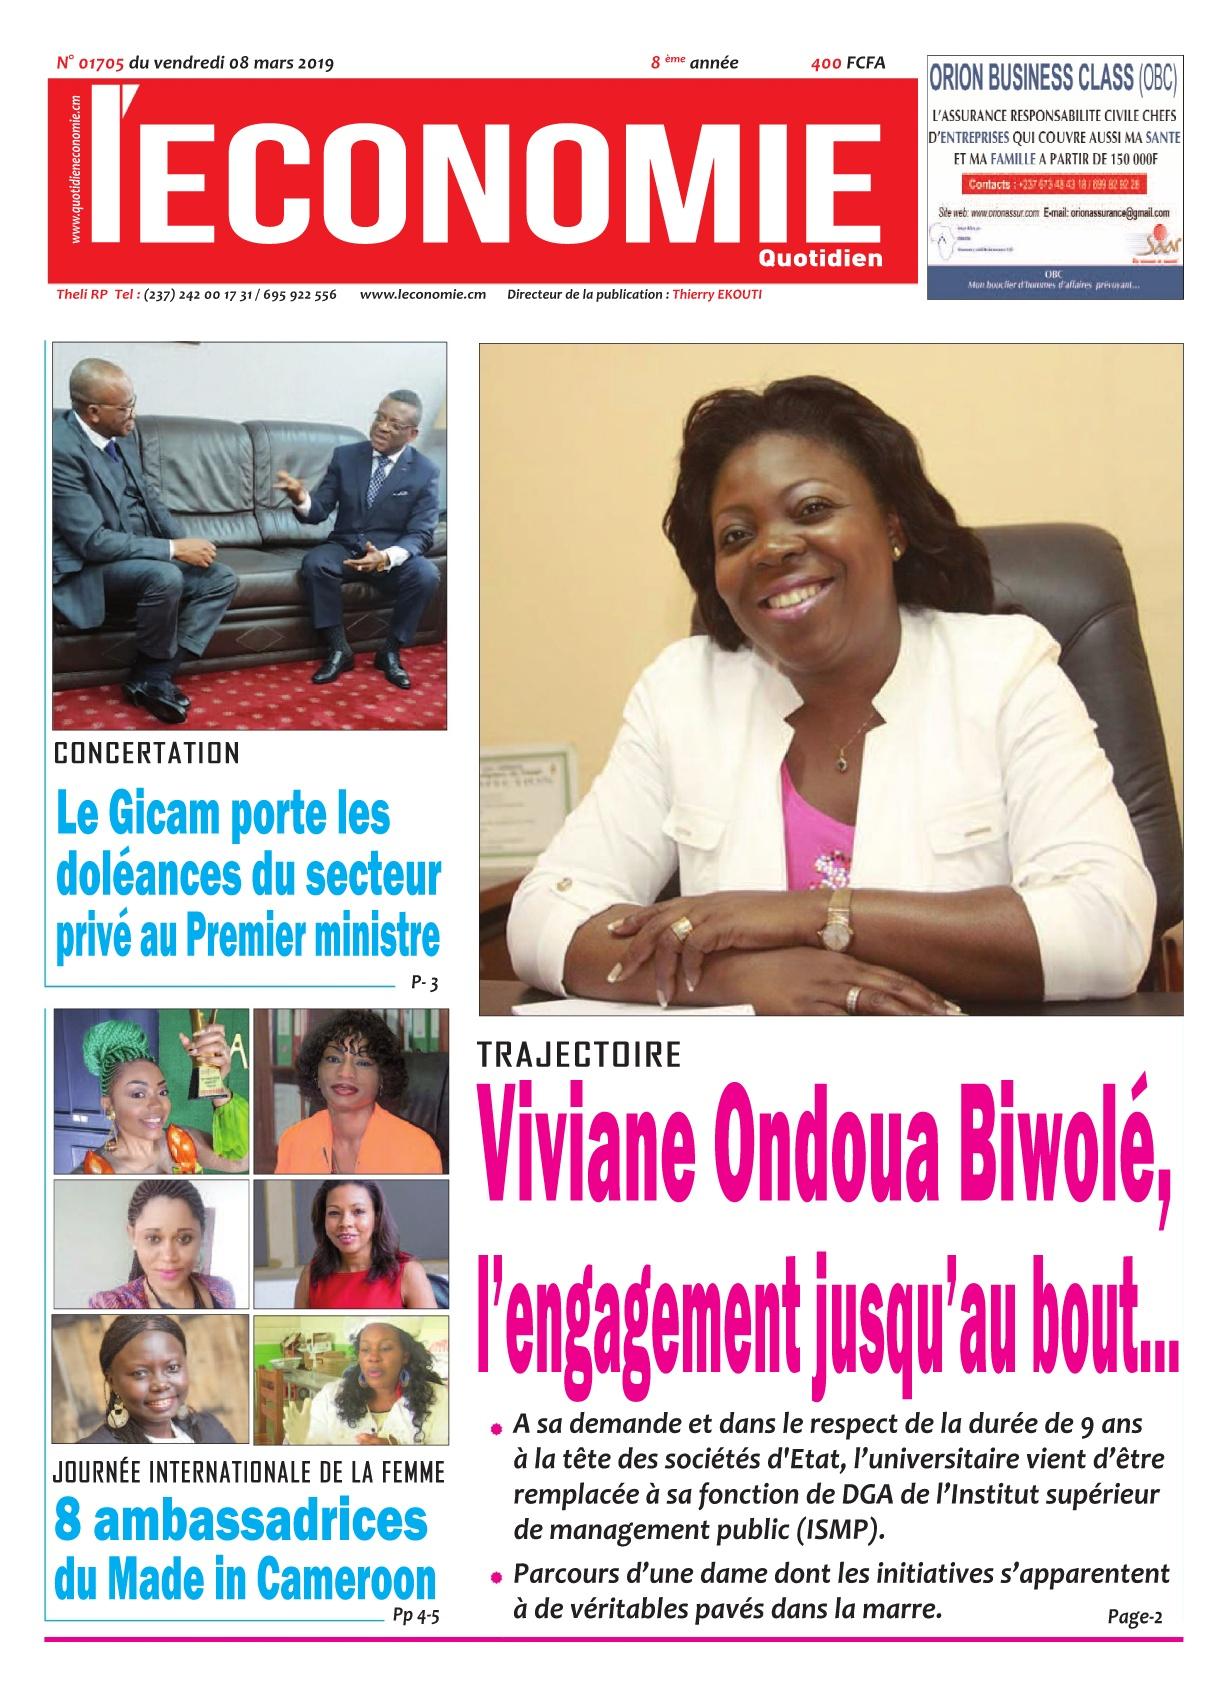 Le Quotidien de l'Economie <br/> 08/03/2019